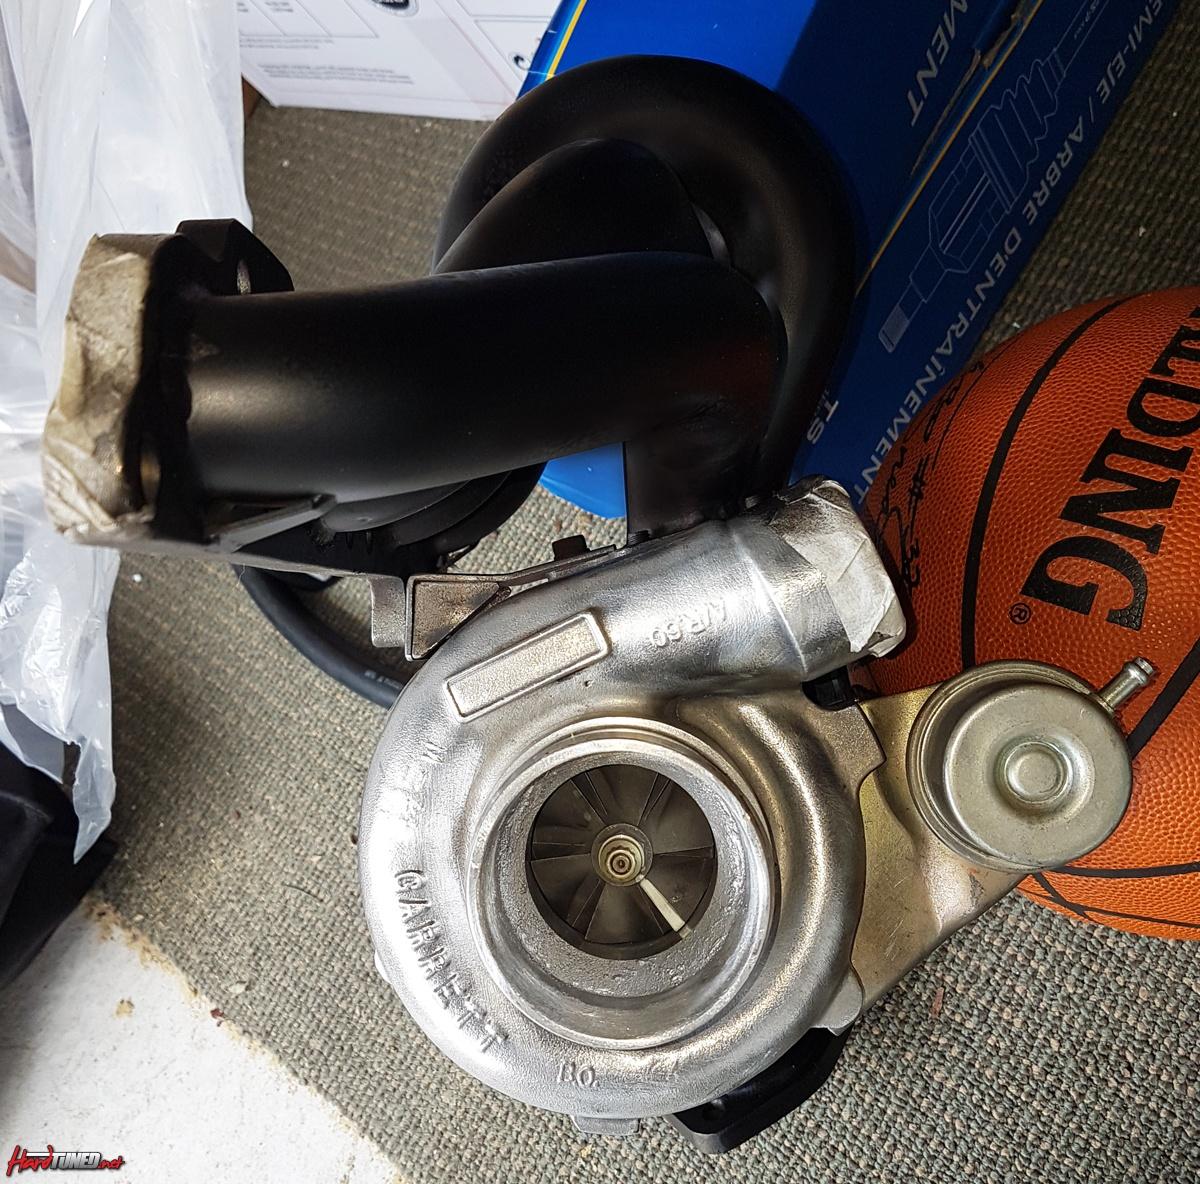 Garrett Gt2871r Turbocharger: Garrett GT2871R S13 S14 S15 180sx Turbo Kit: Turbo